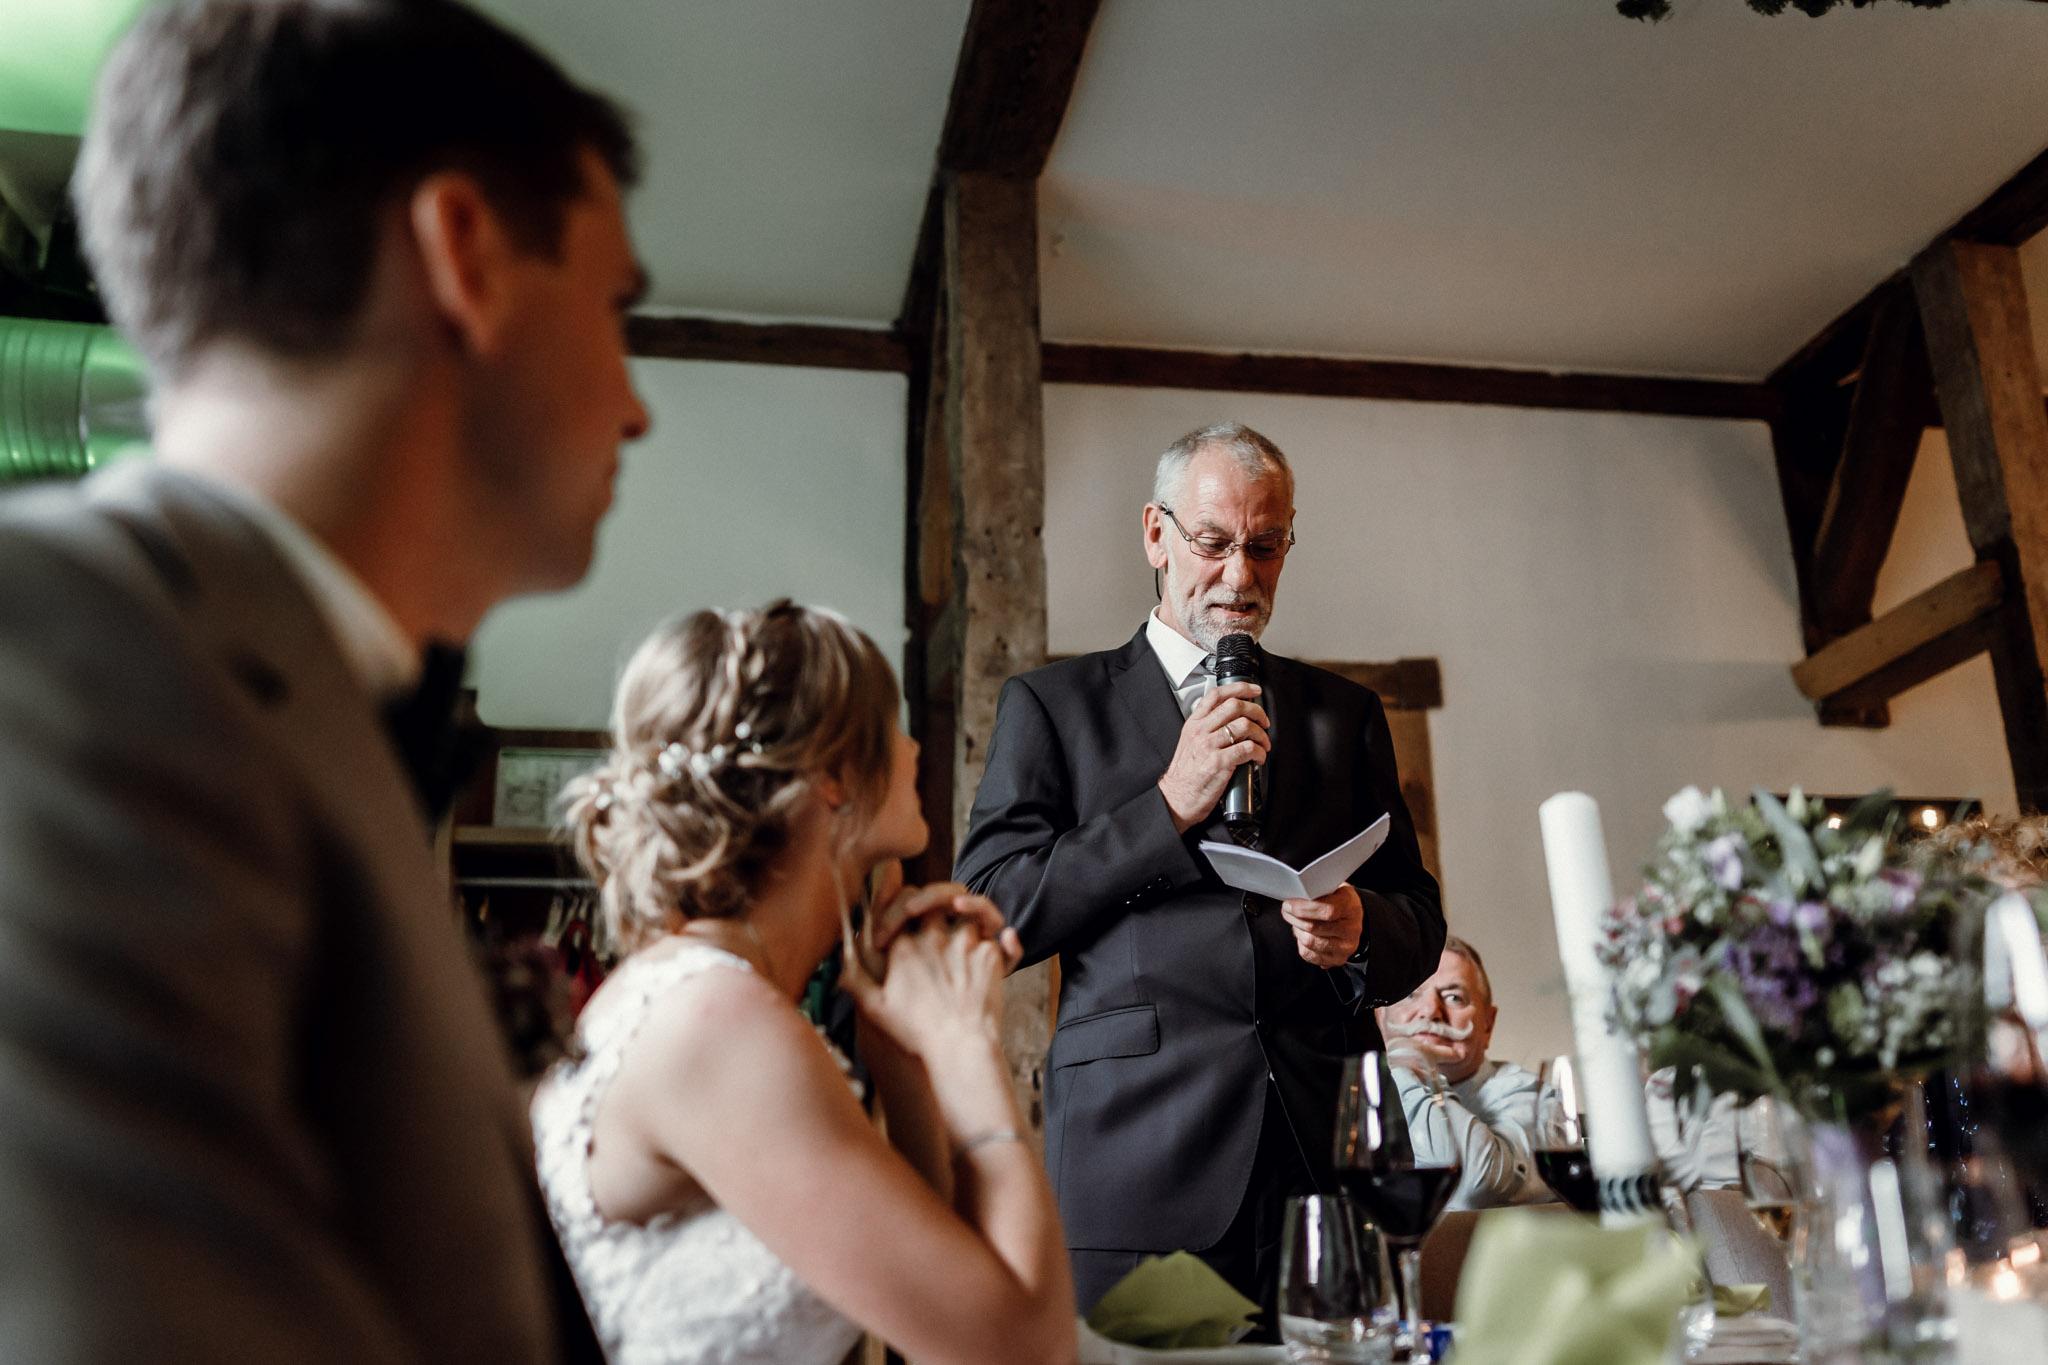 Sven Schomburg Hochzeitsfotografie, Hamburg, Mölln, Hochzeitsfieber by Photo-Schomburg, Hochzeitsreportage, Forsthaus Waldhusen, Braut, Bräutigam-81